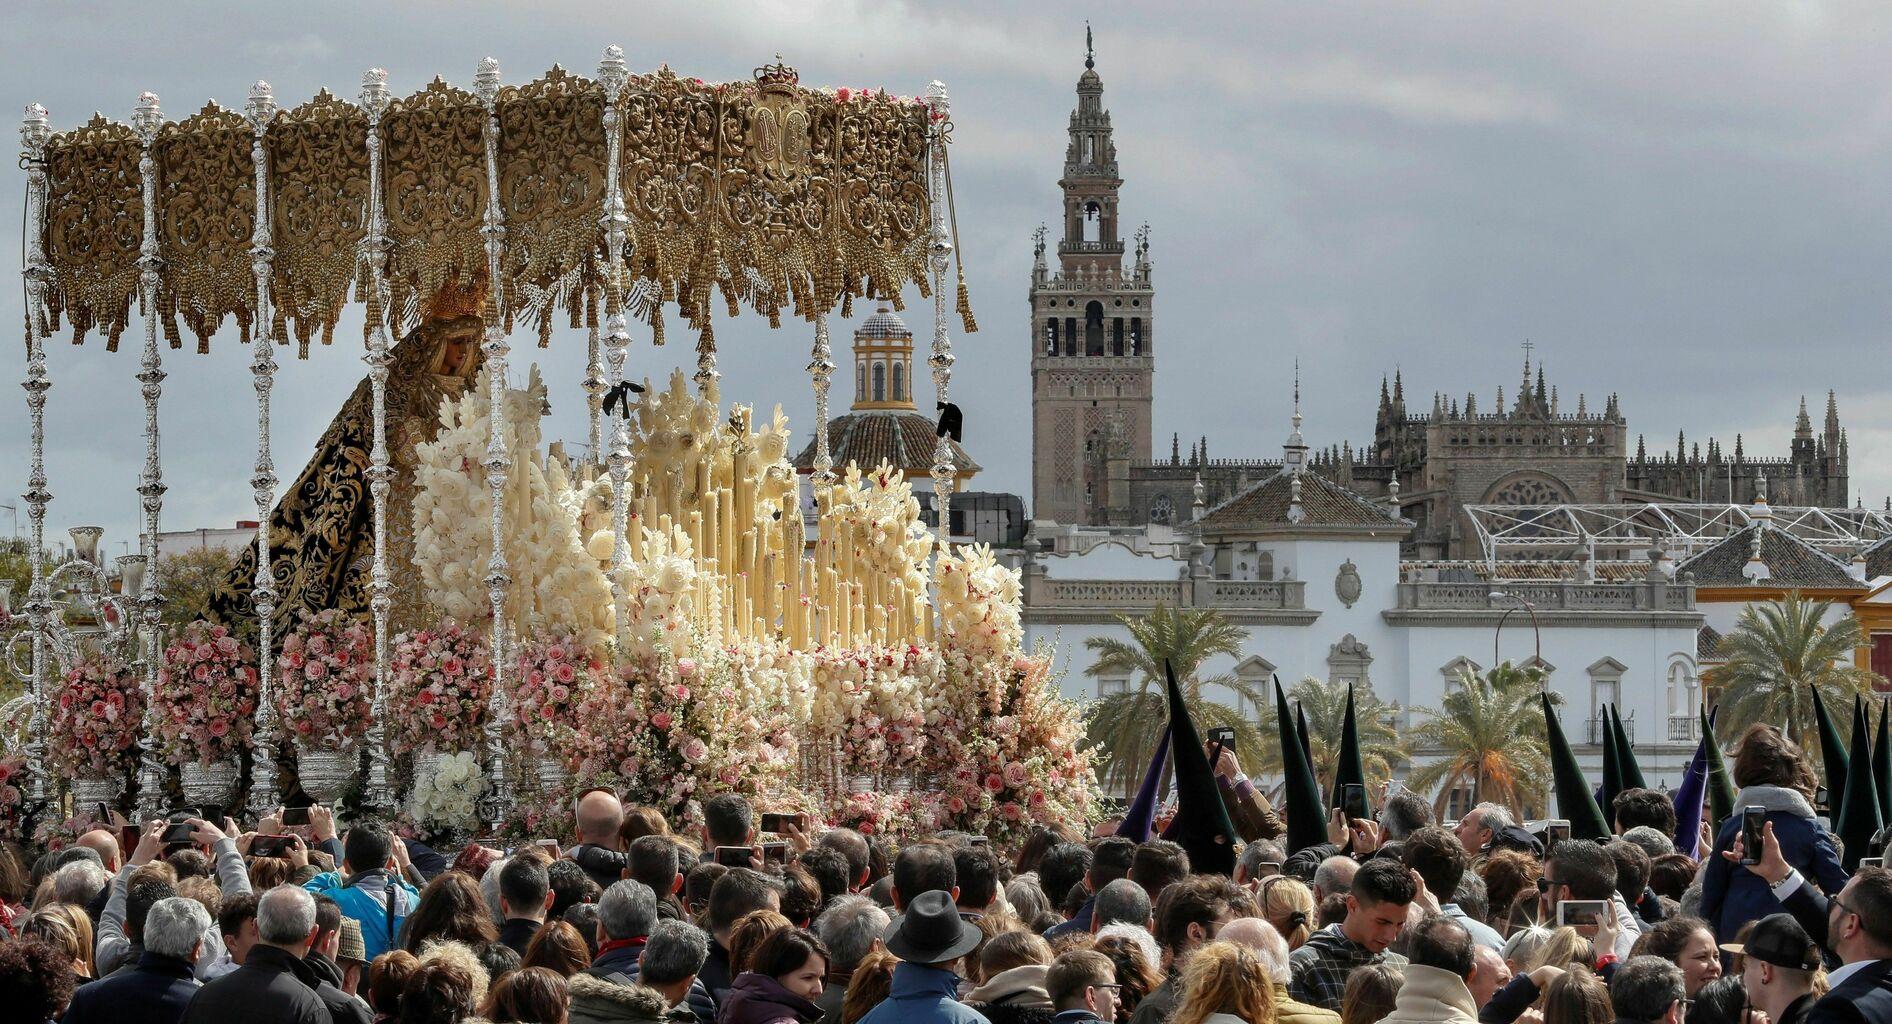 Sevilla Hay Santa De Lo 2019Todo Que Saber Semana P0kX8wnO